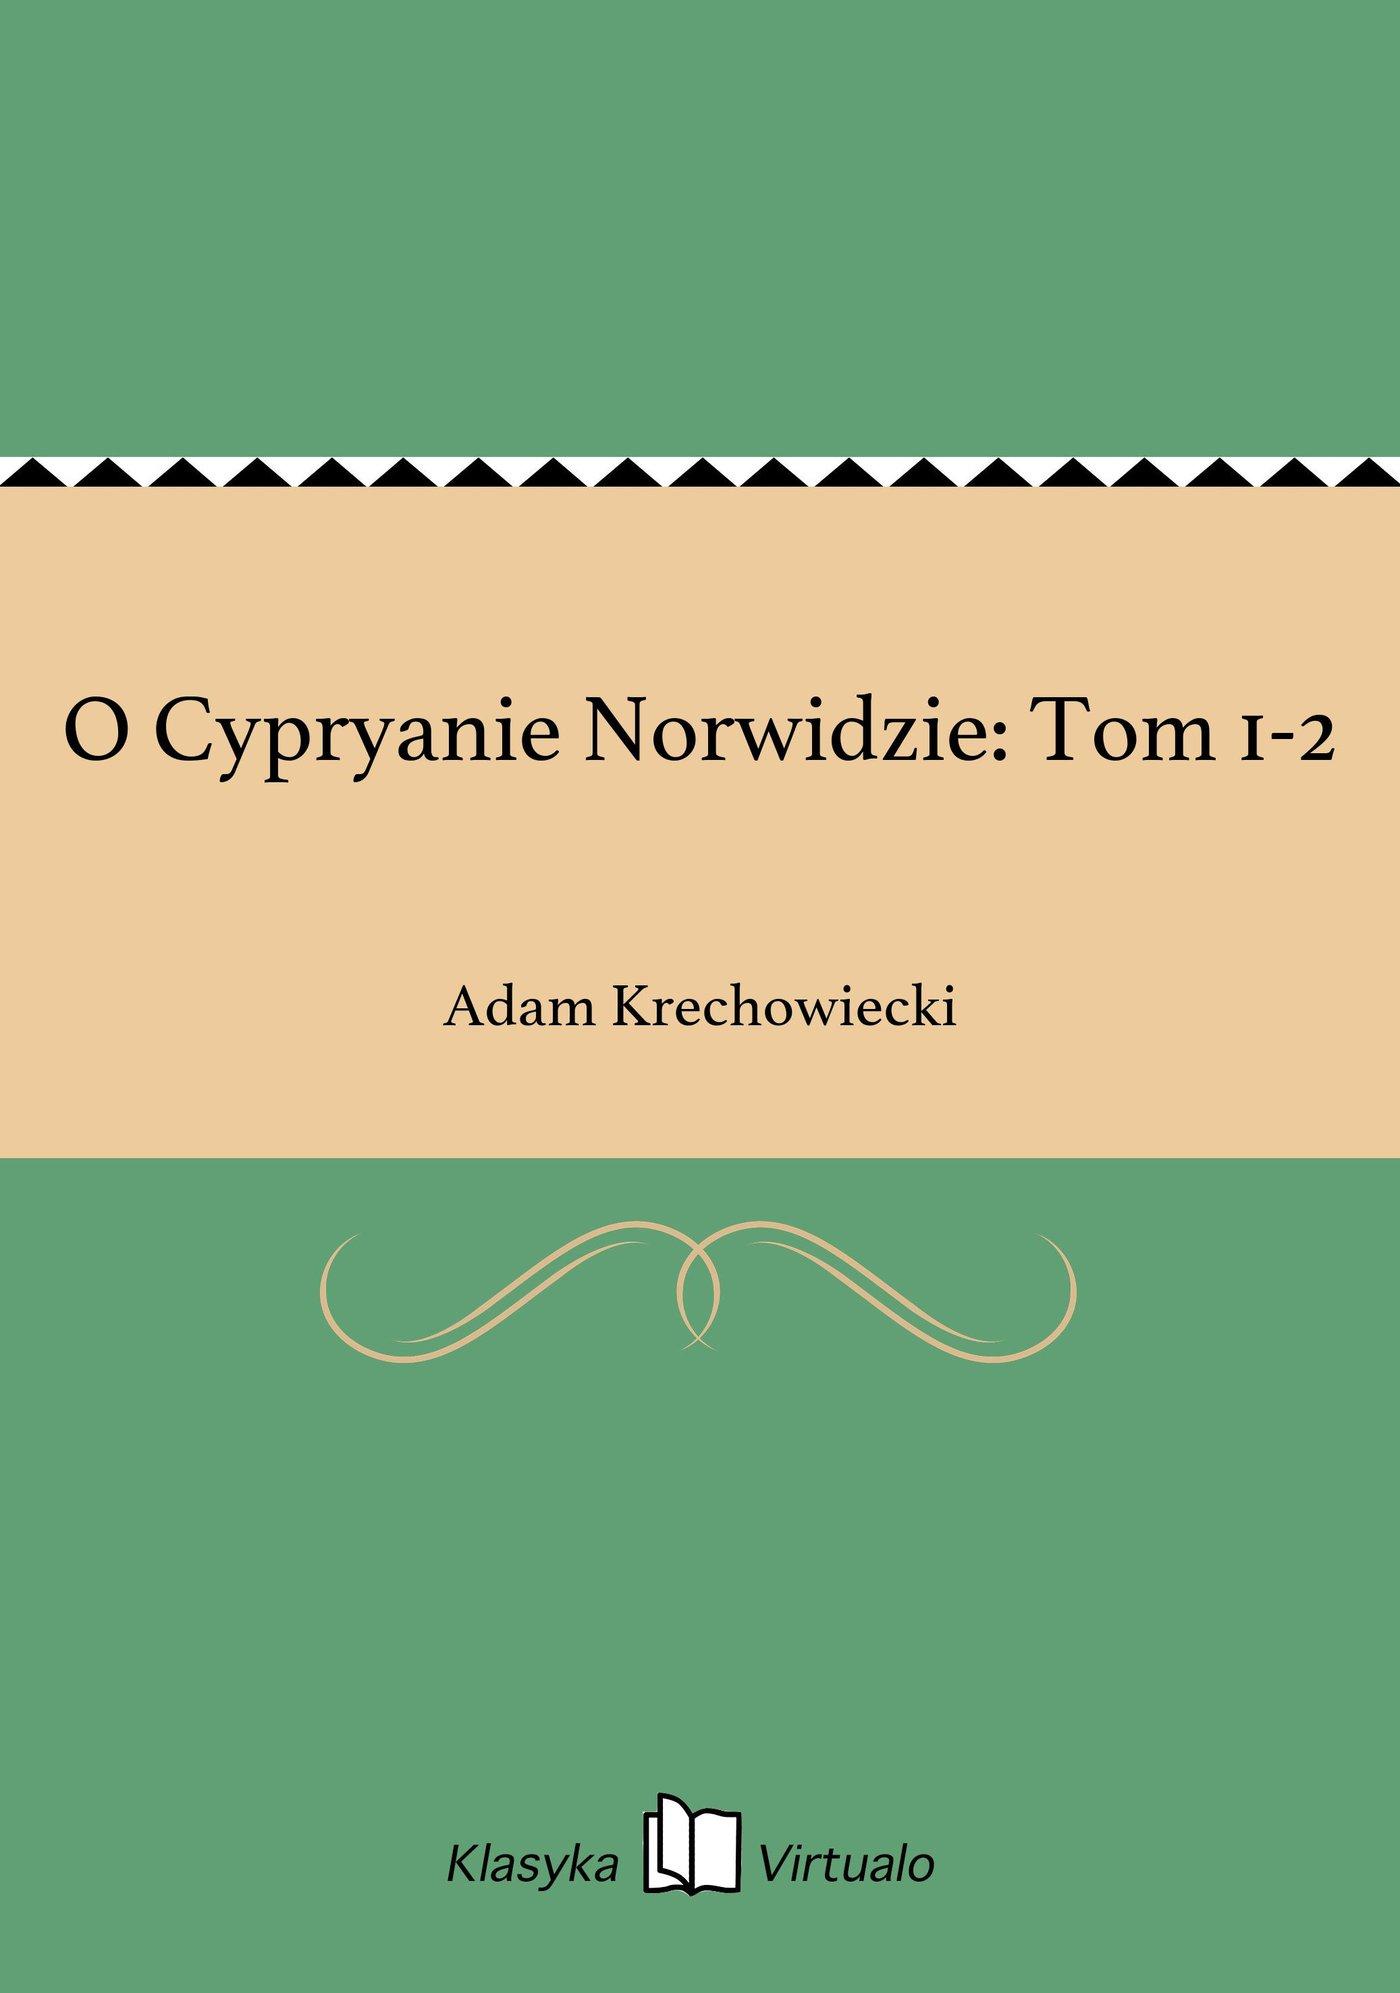 O Cypryanie Norwidzie: Tom 1-2 - Ebook (Książka EPUB) do pobrania w formacie EPUB